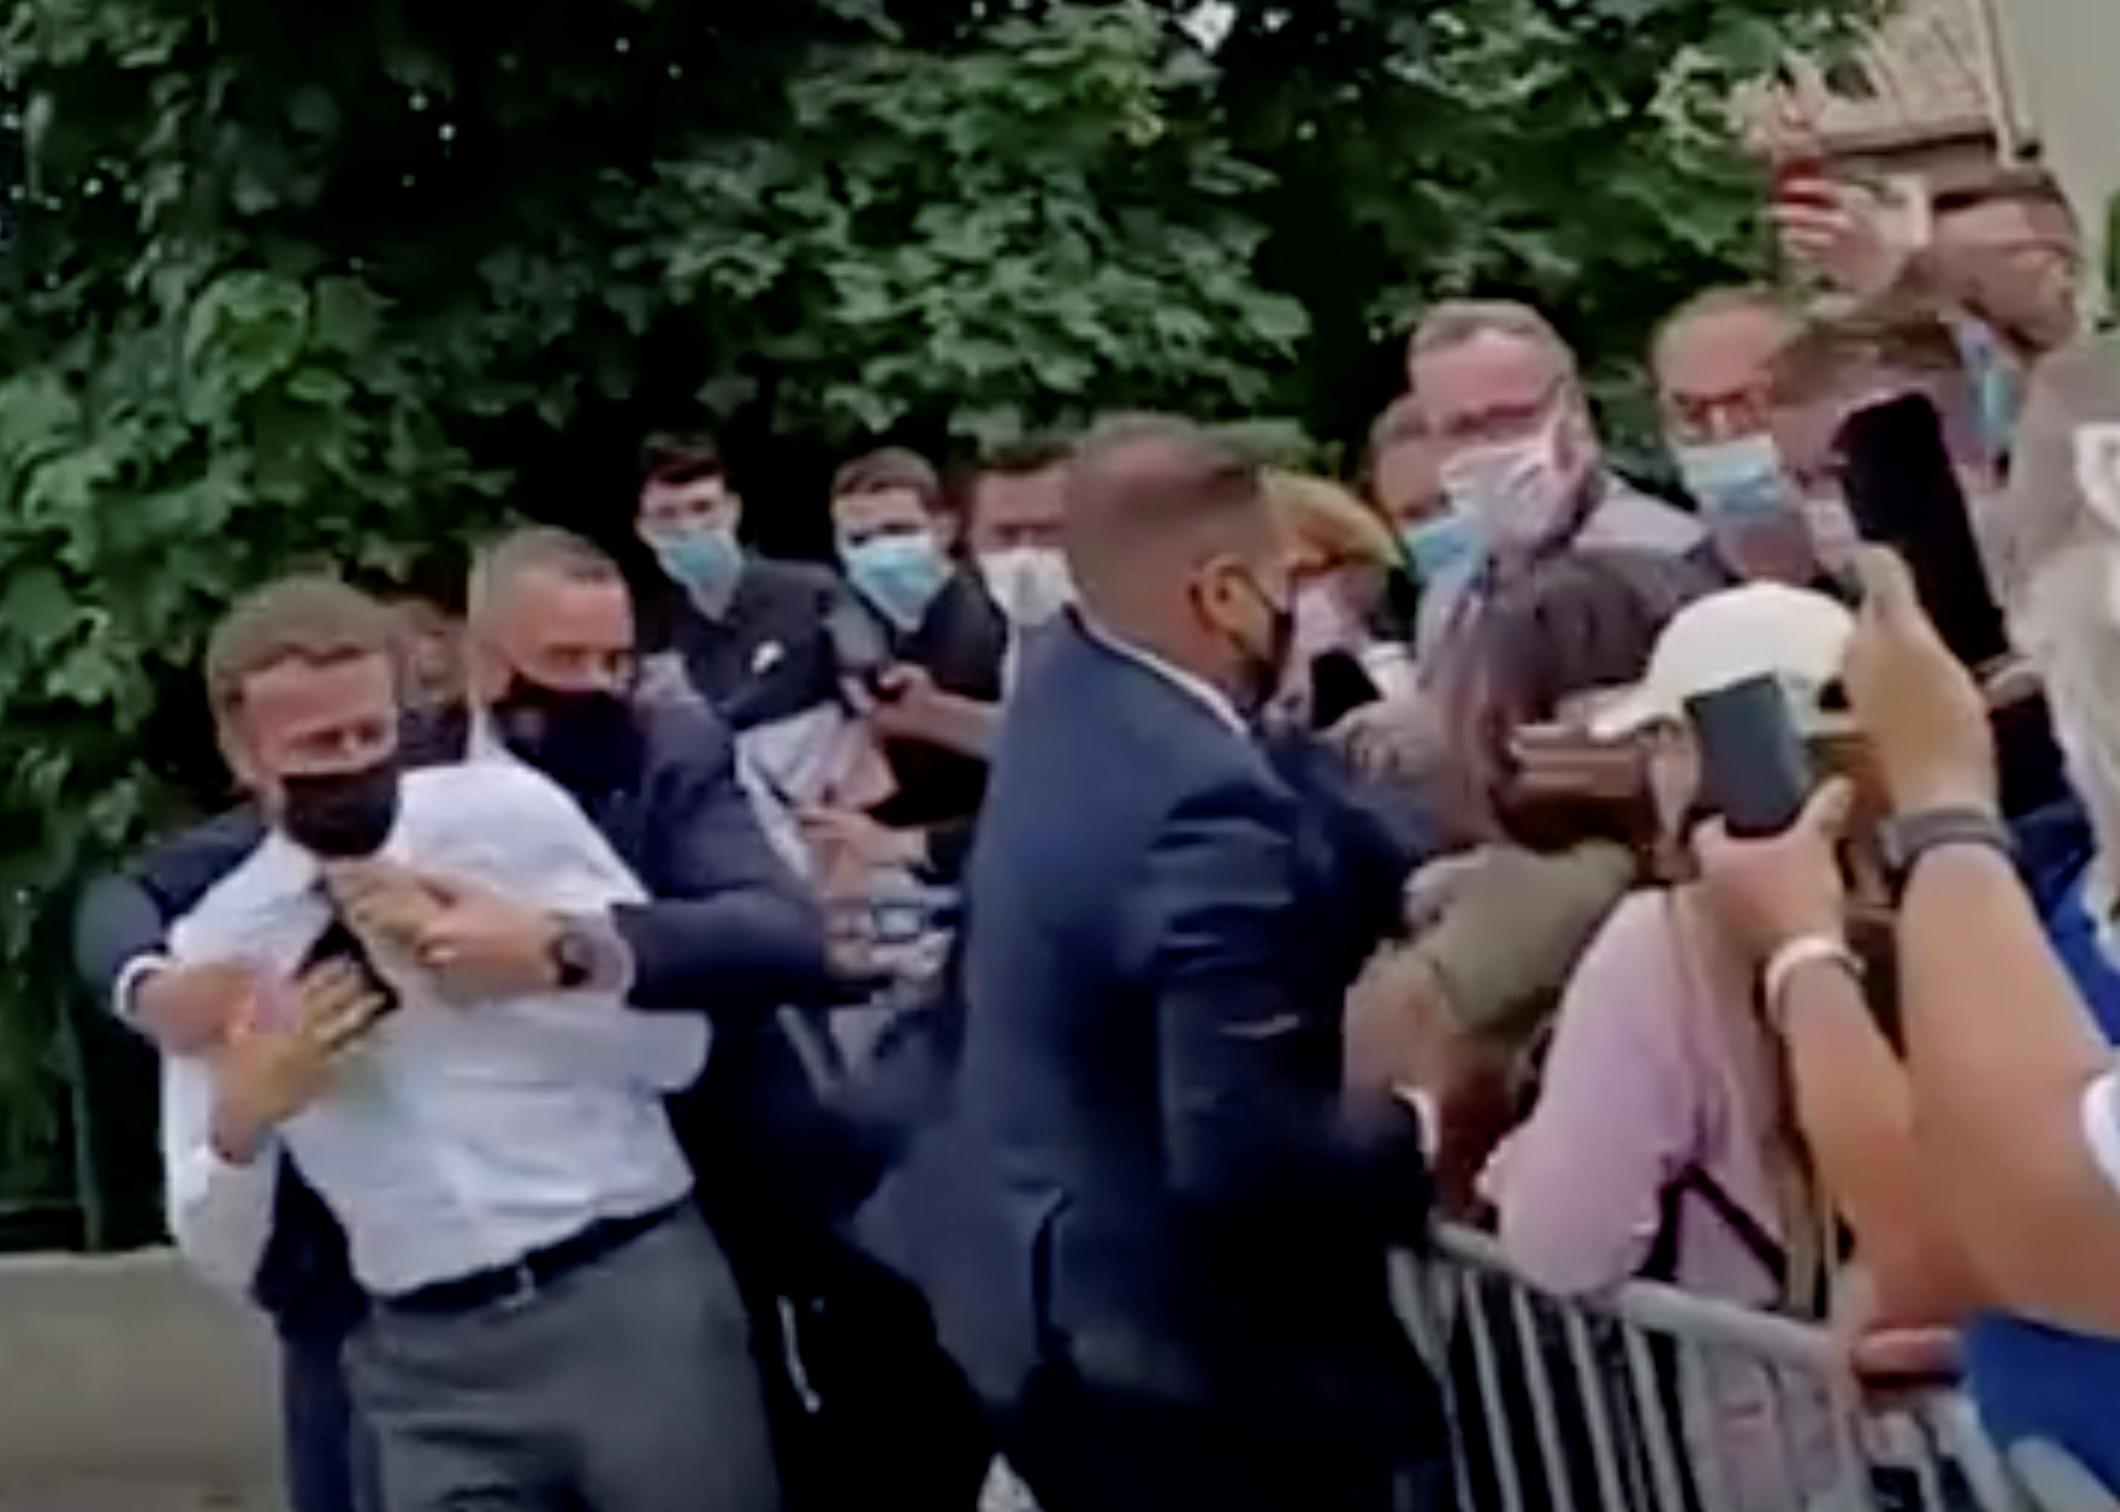 Γαλλία: Φυλάκιση 18 μηνών στον άνδρα που χαστούκισε τον Μακρόν πρότεινε ο εισαγγελέας